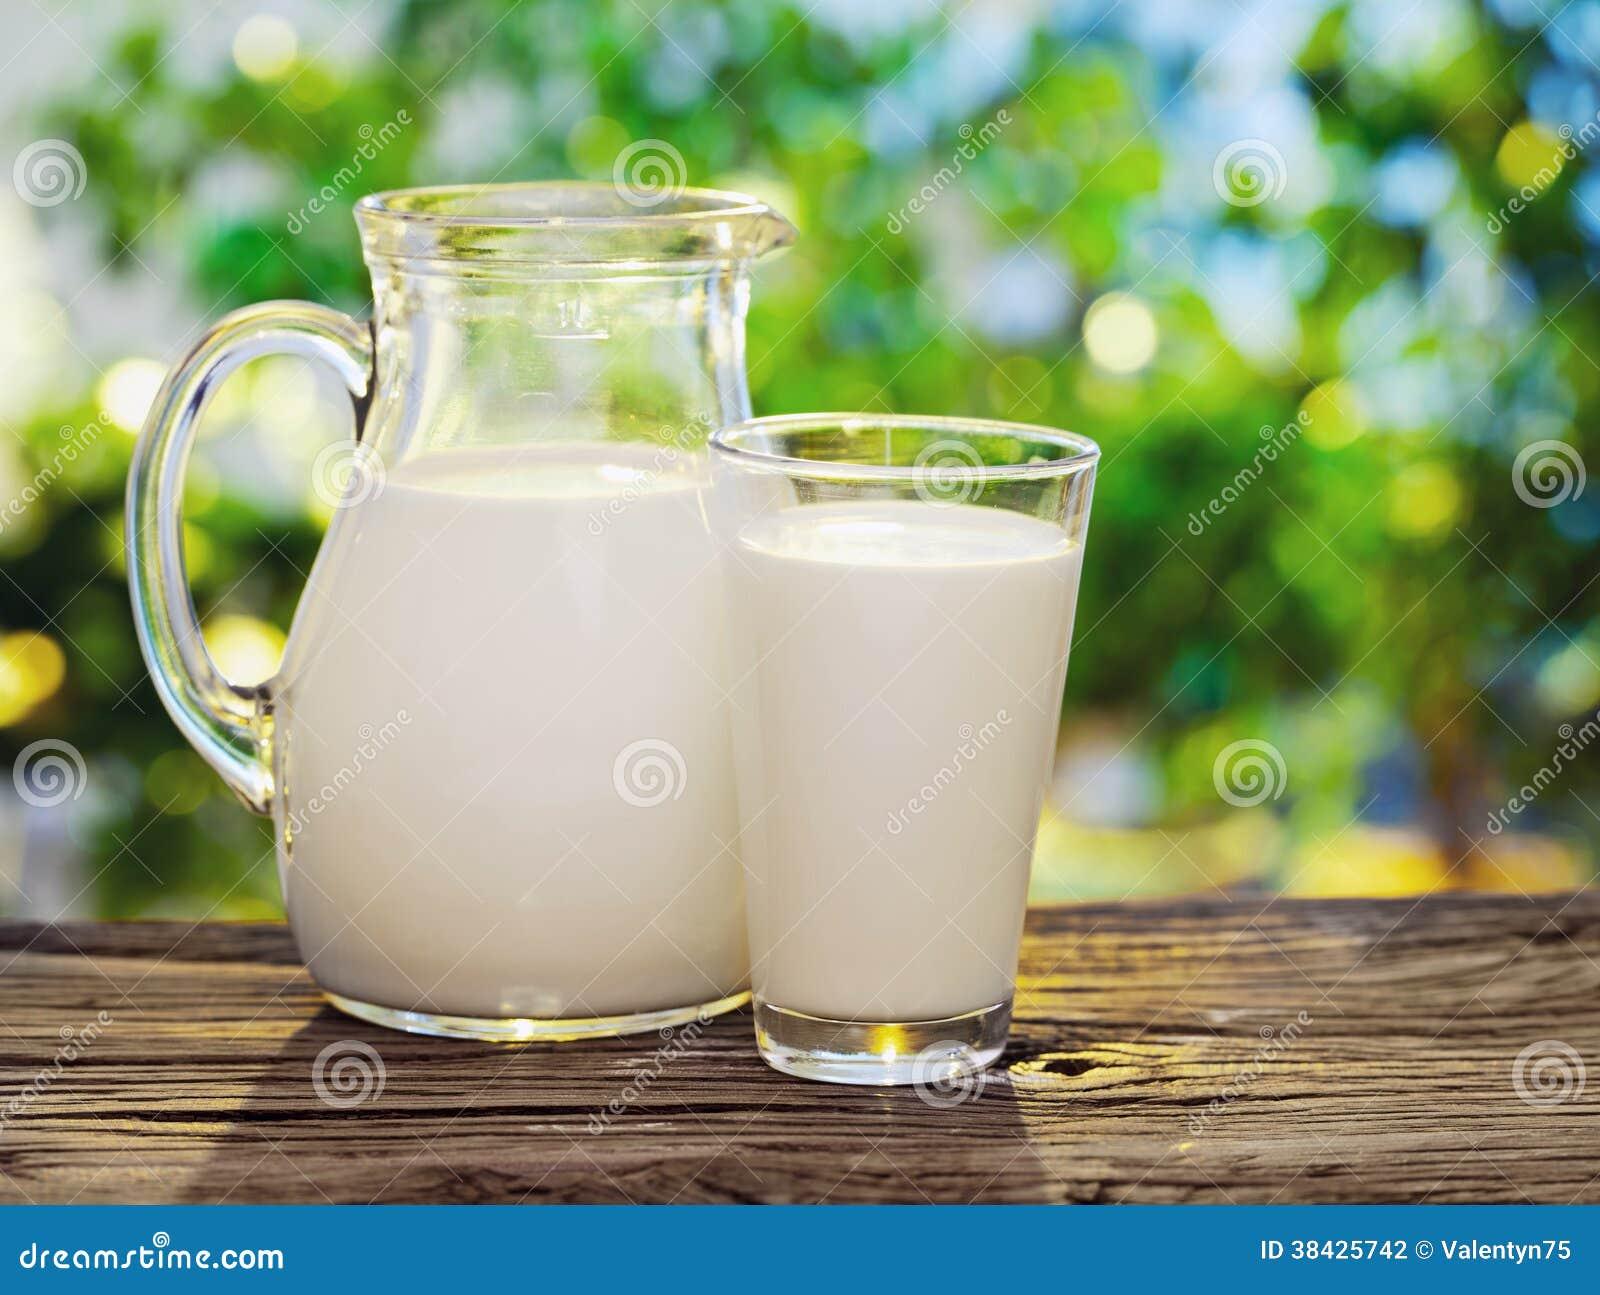 Γάλα στο βάζο και το γυαλί.